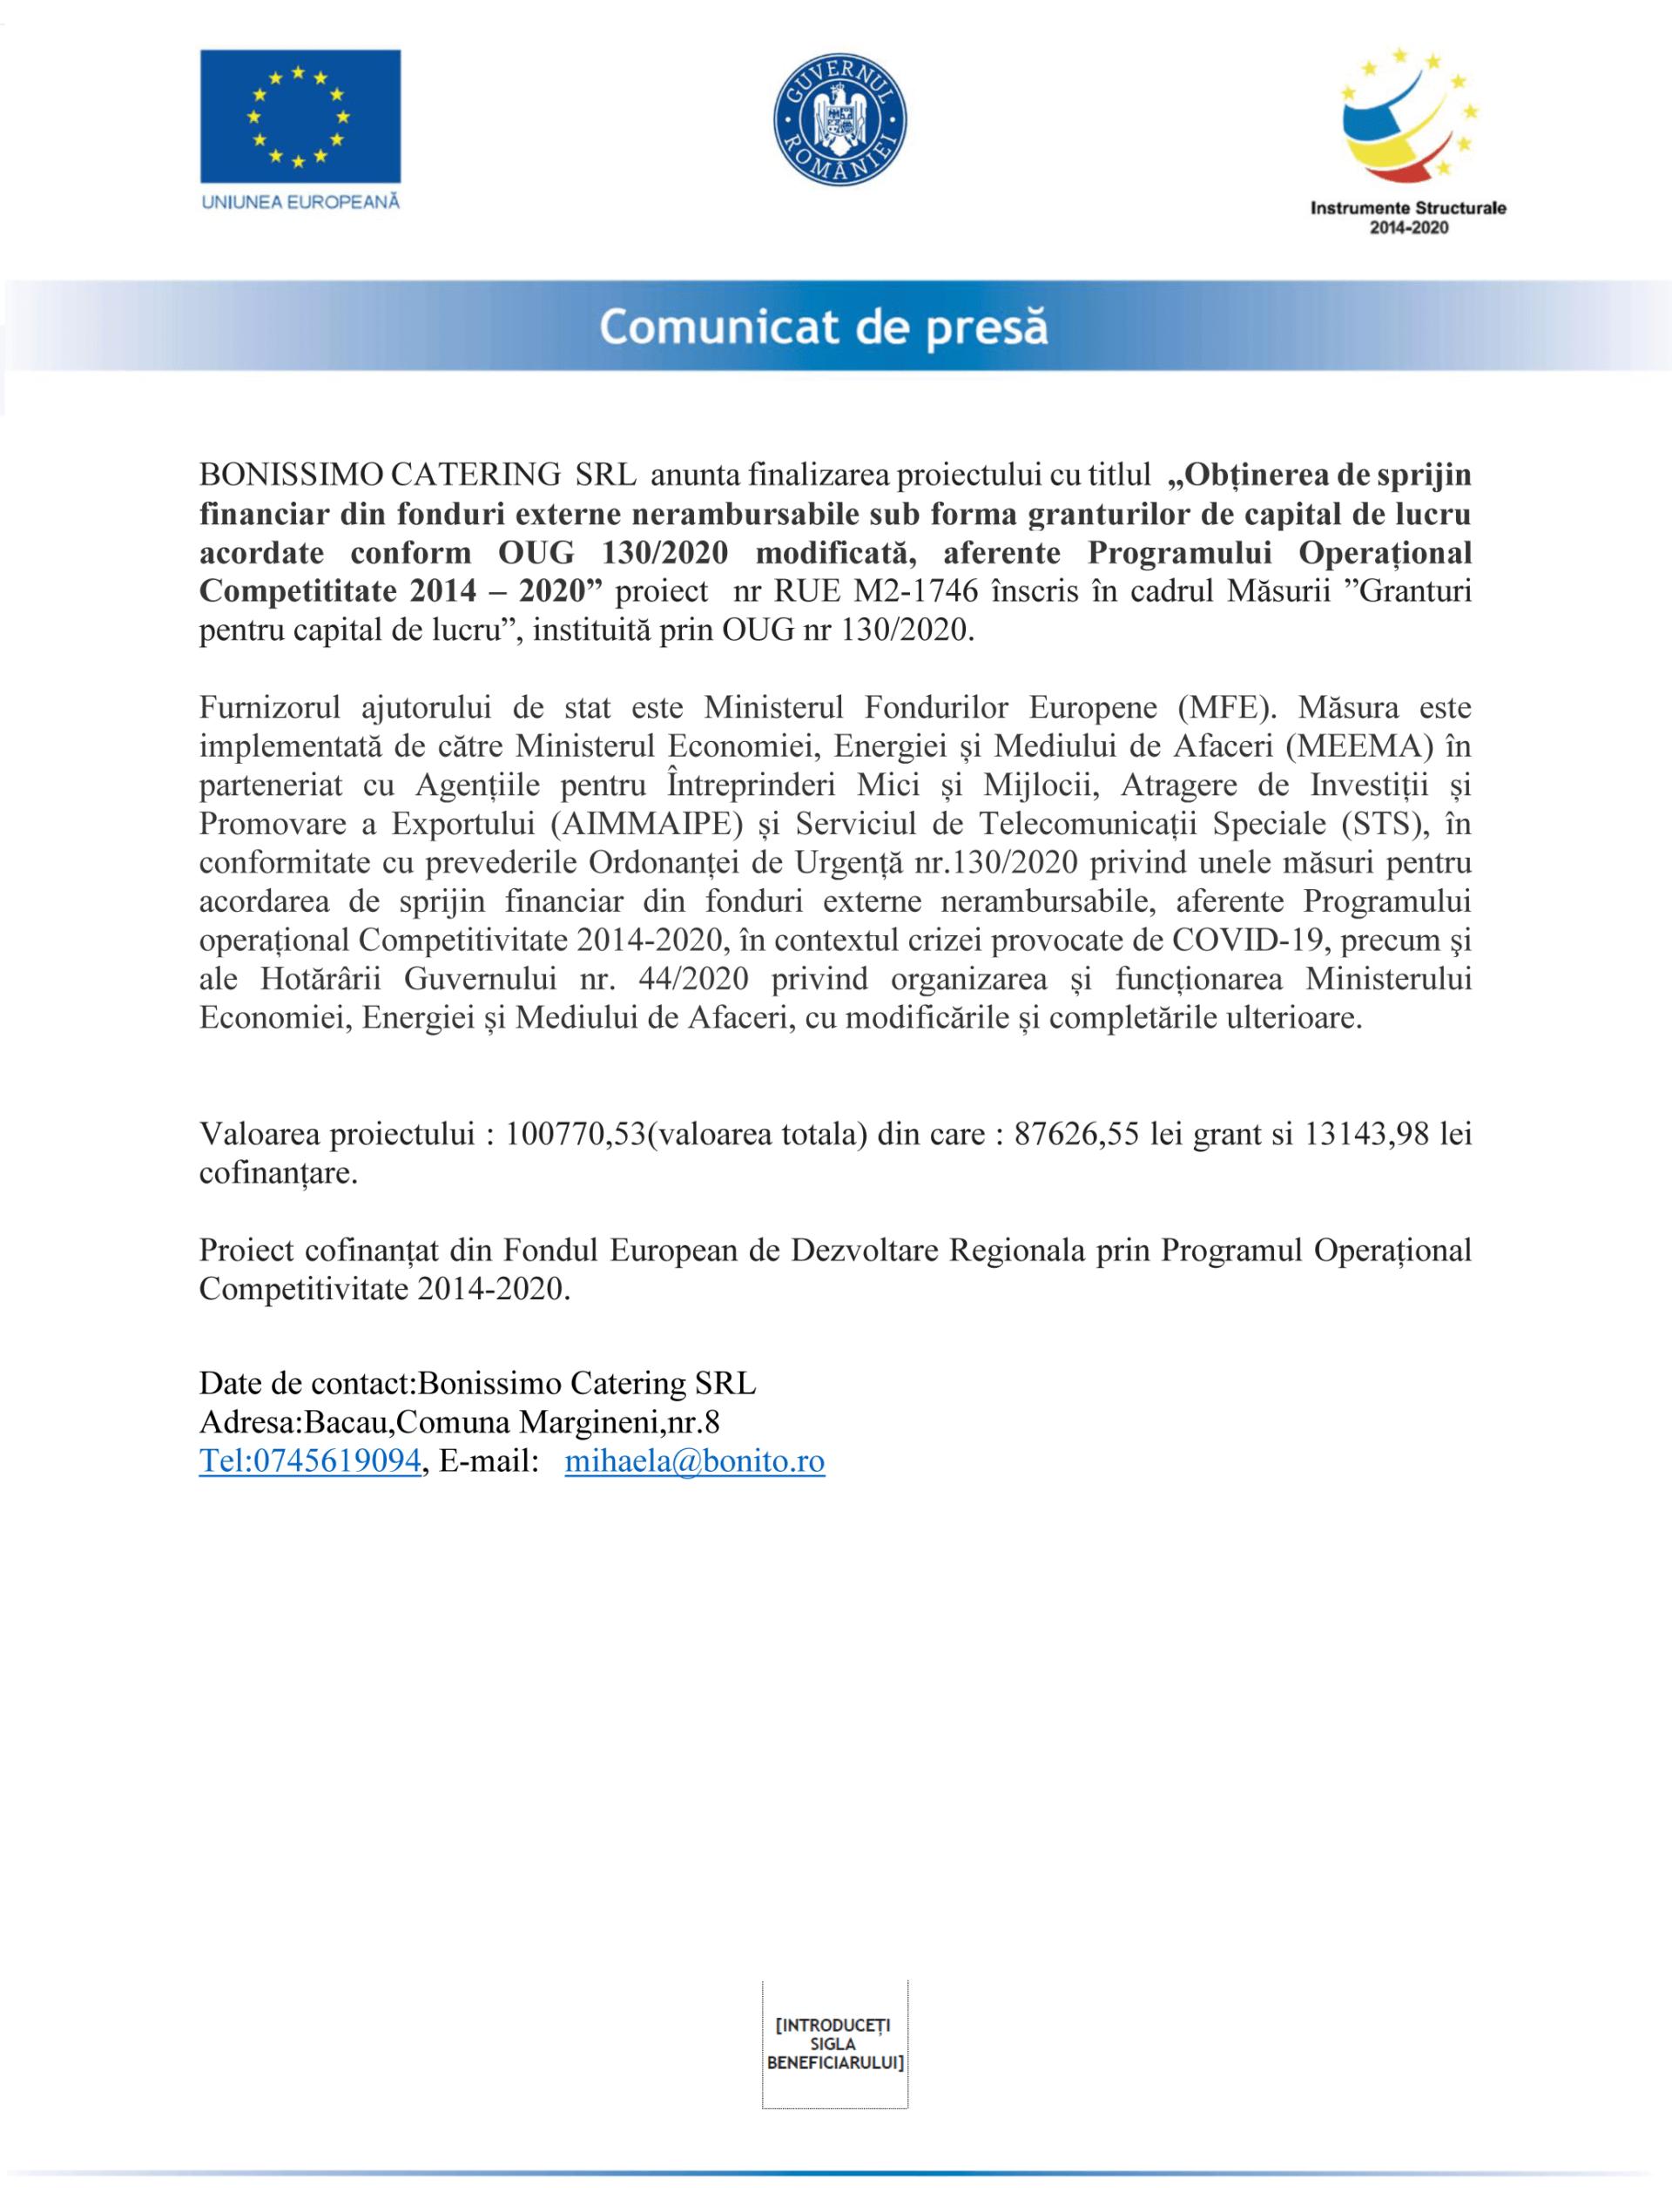 Comunicat_de_Presa_finalizare--Bonissimo-Catering-1